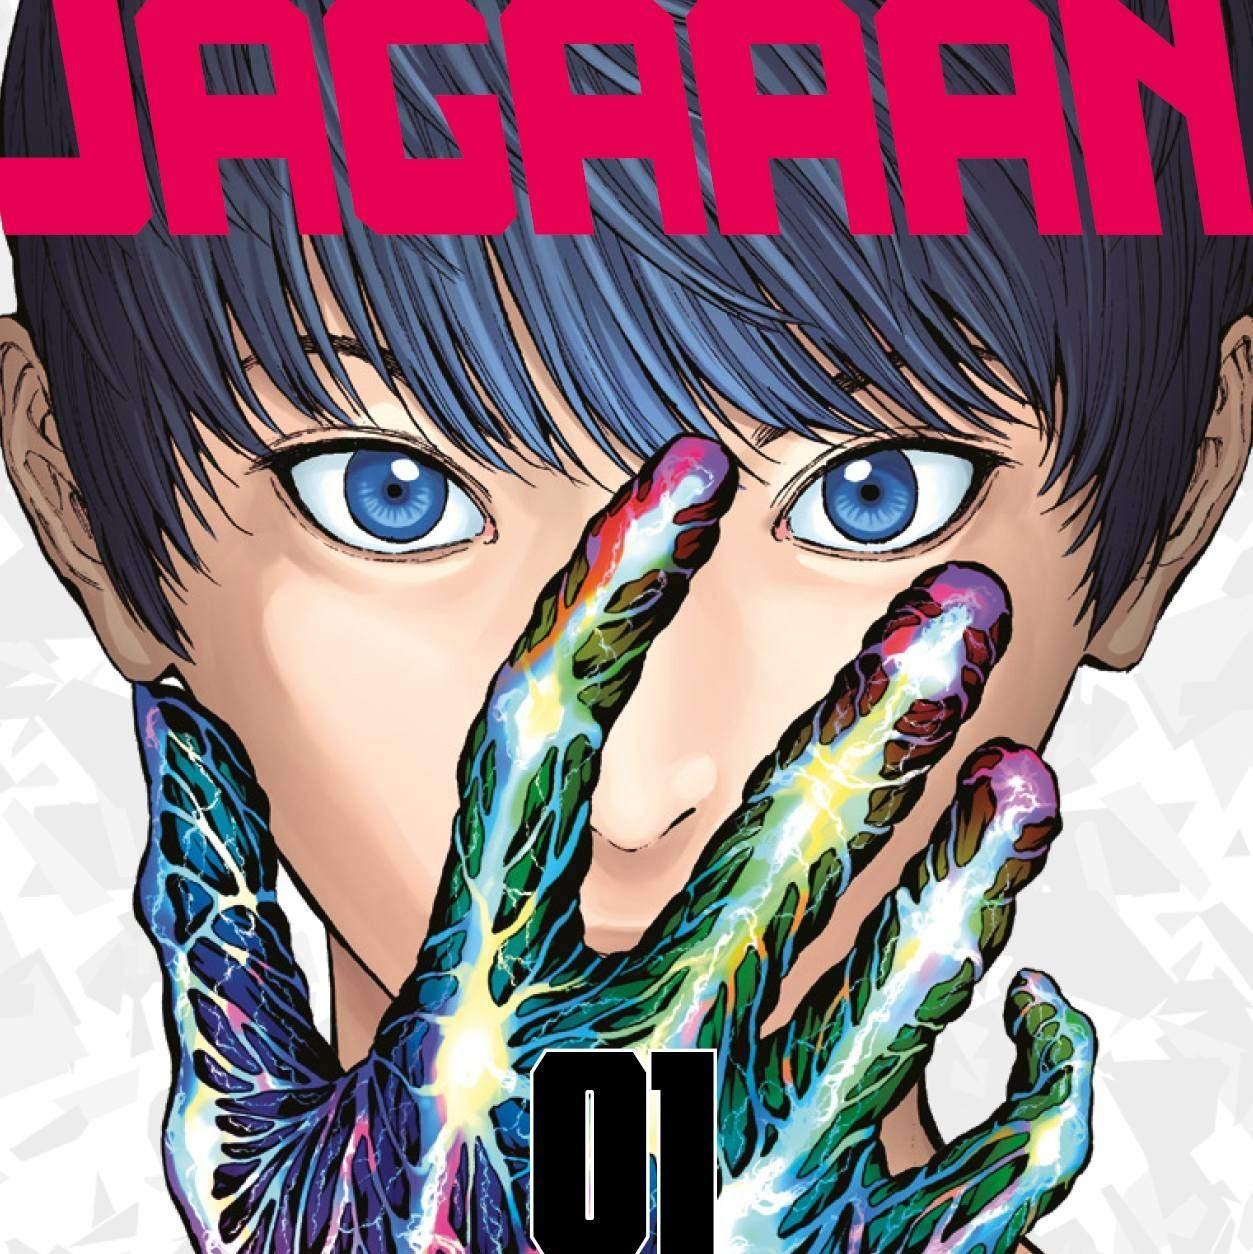 Jagaaan Manga